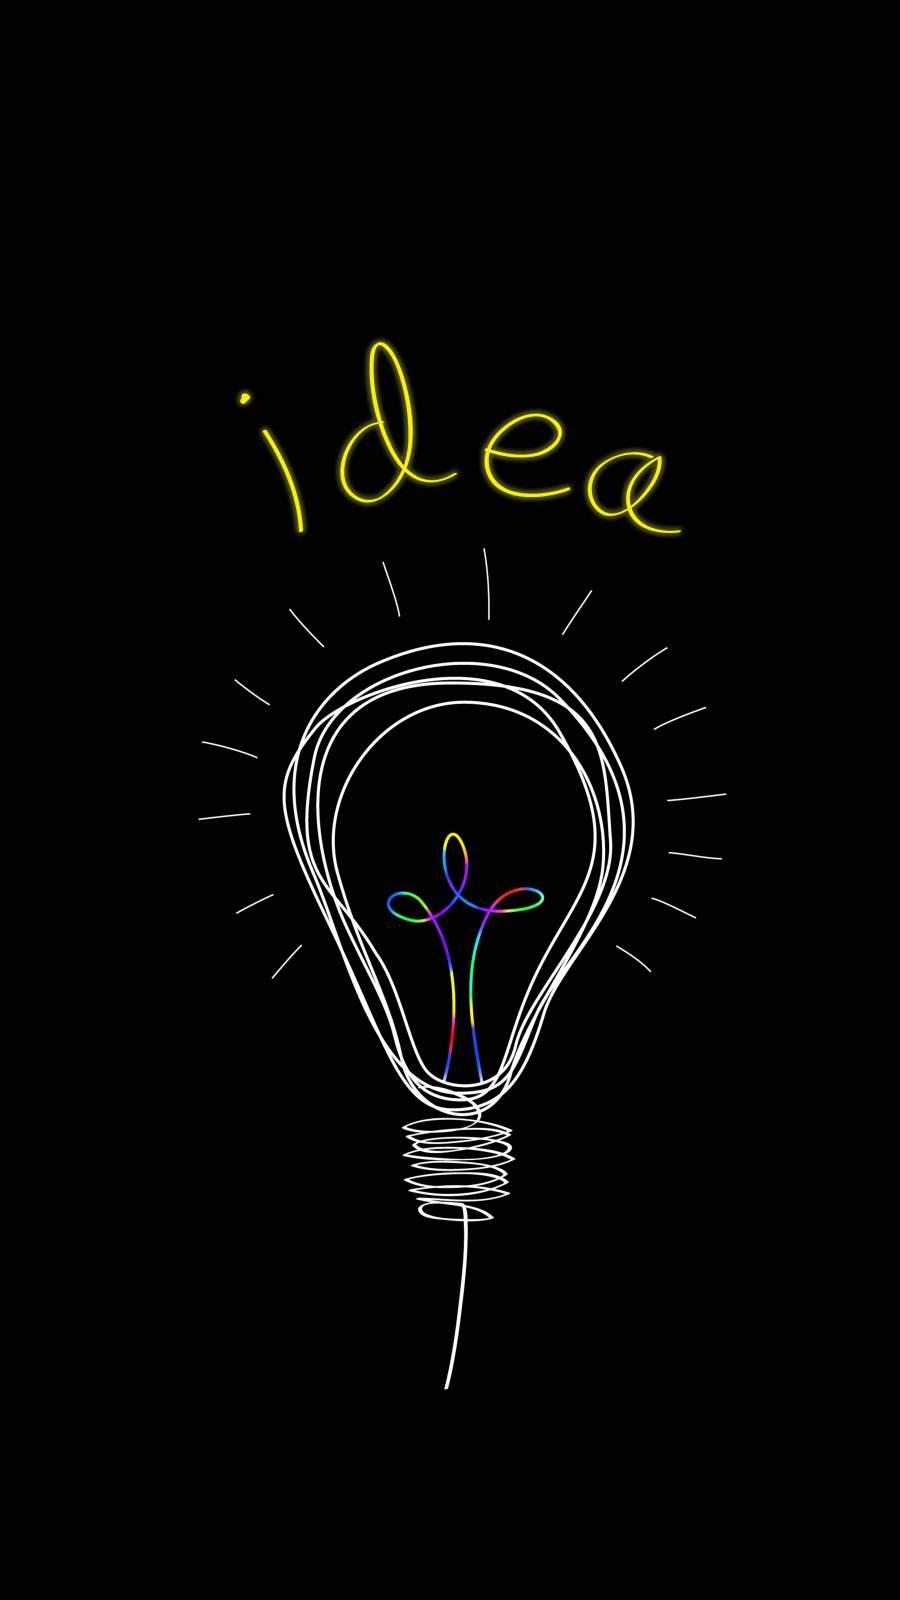 idea iPhone Wallpaper